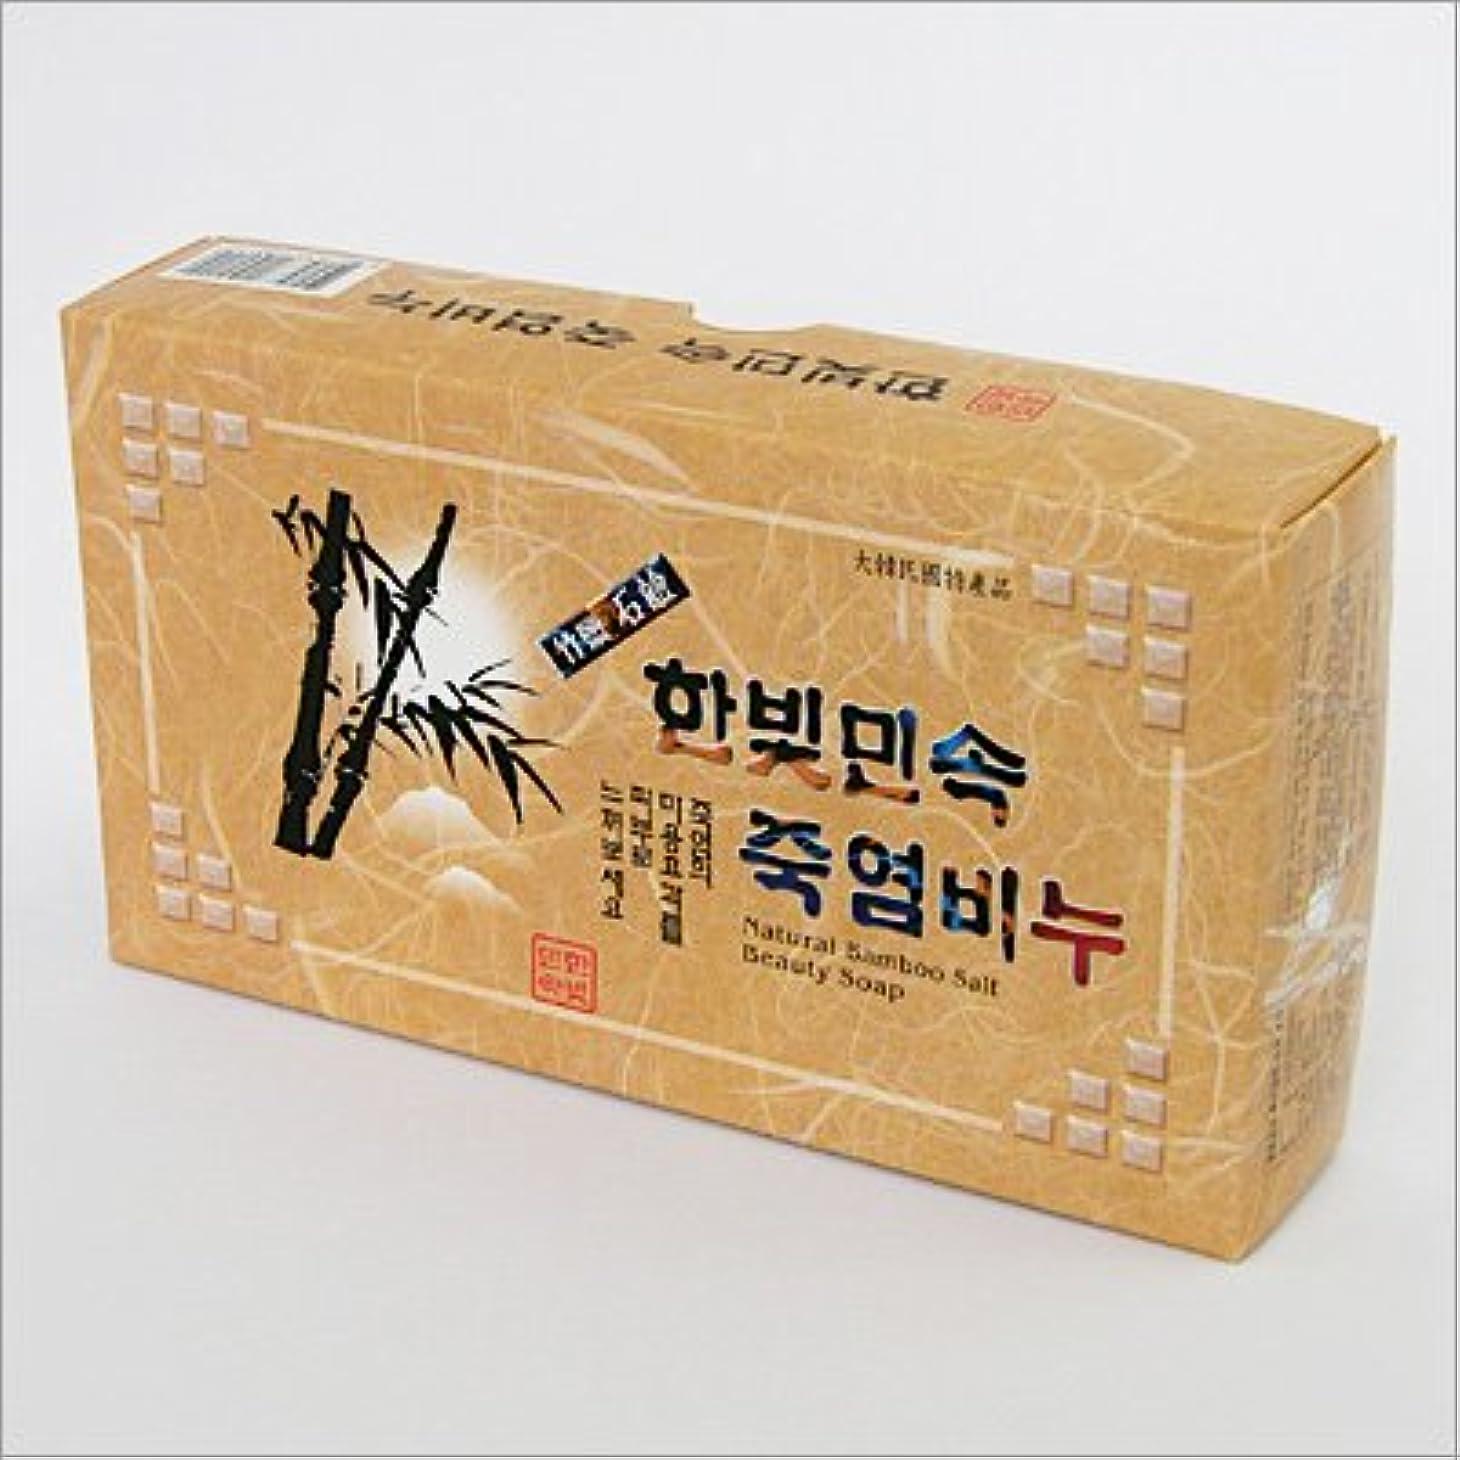 振る舞うブランク押し下げる(韓国ブランド) 韓国 竹塩石鹸(3個セット)